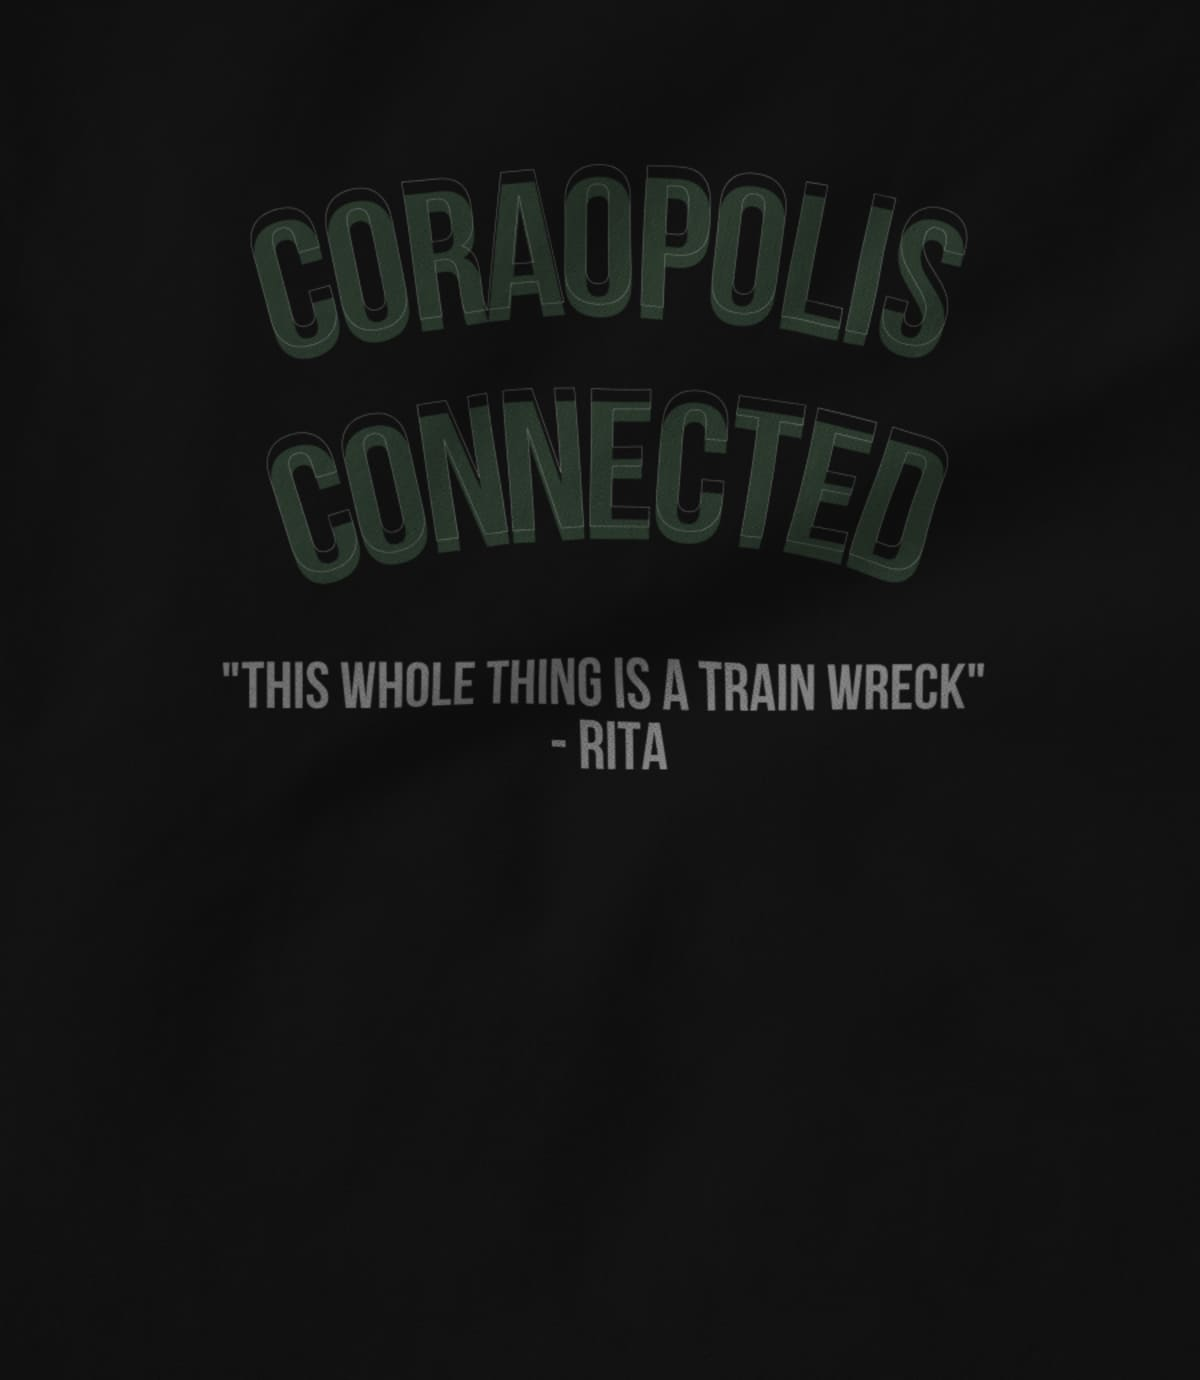 Coraopolis Connected